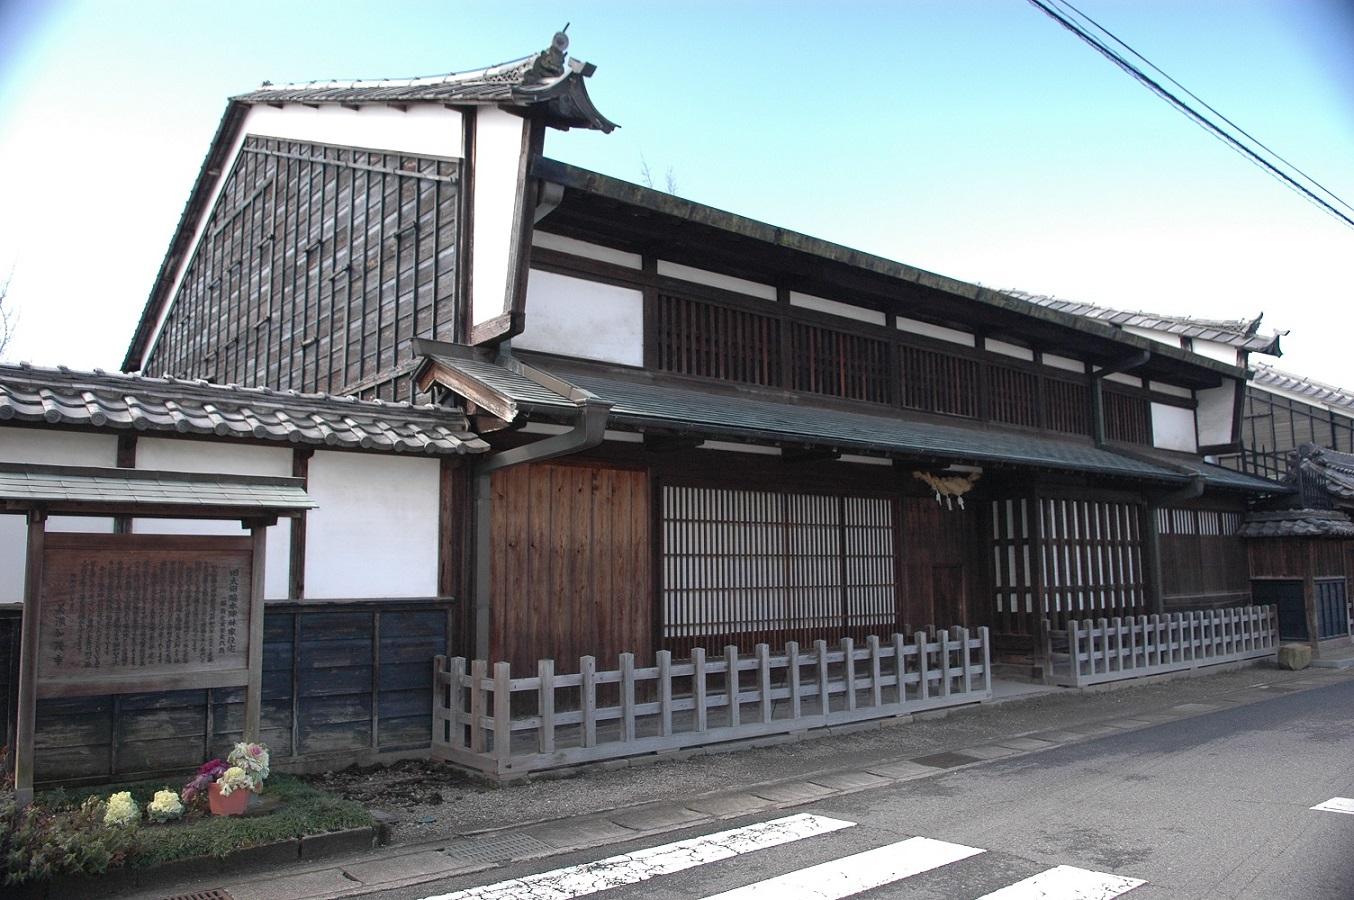 美濃加茂市は豊かな自然と伝統が息づくまち!家族で楽しめる観光スポットを紹介!